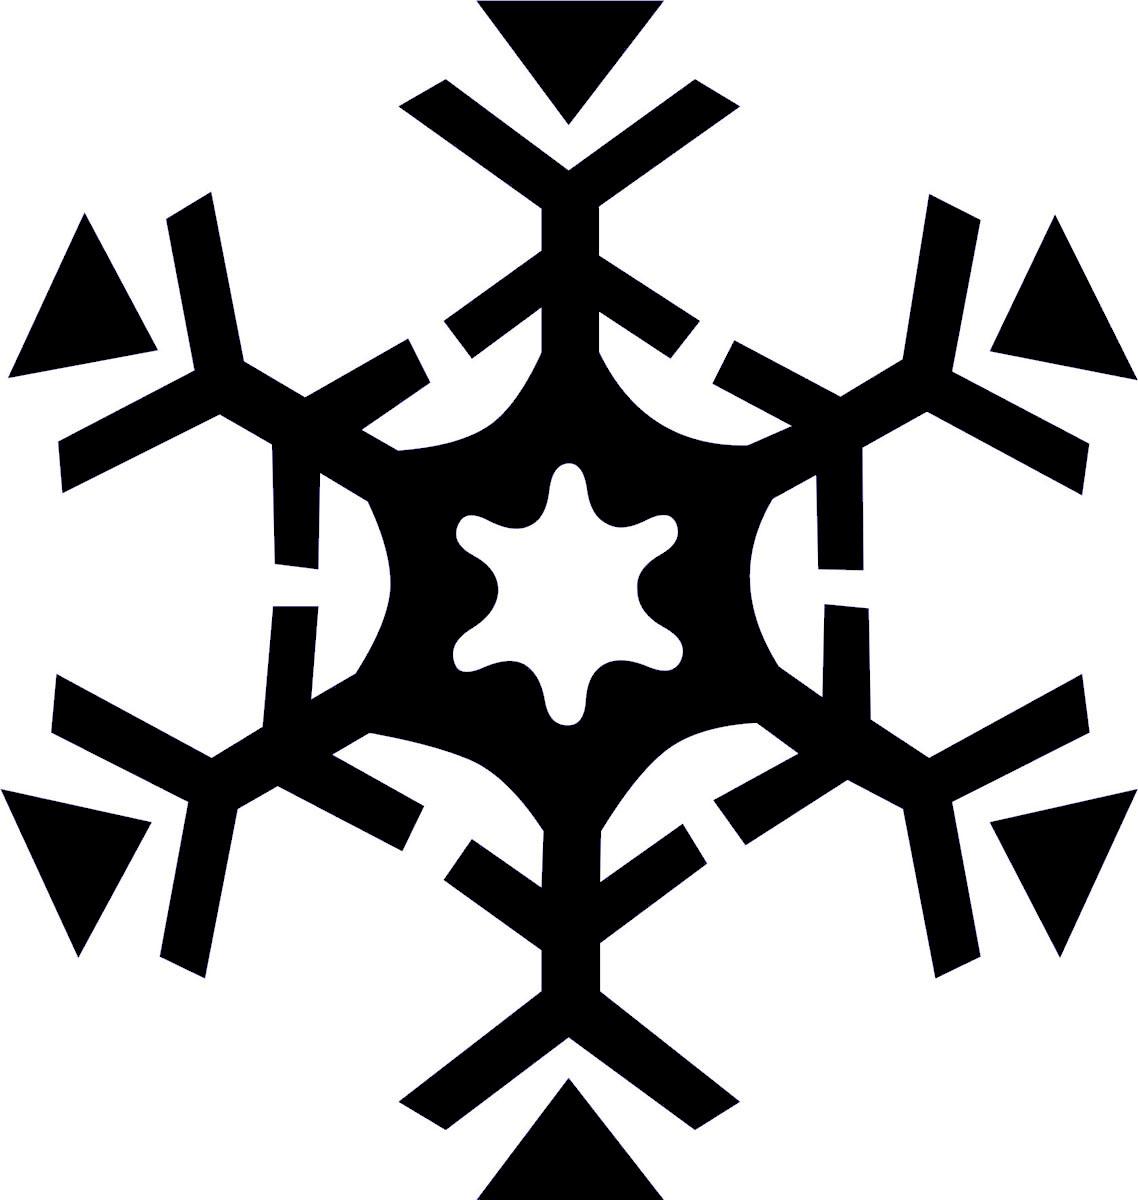 Наклейка автомобильная Оранжевый слоник Снежинка 1, виниловая, цвет: черный150NG0009BОригинальная наклейка Оранжевый слоник Снежинка 1 изготовлена из высококачественной виниловой пленки, которая выполняет не только декоративную функцию, но и защищает кузов автомобиля от небольших механических повреждений, либо скрывает уже существующие.Виниловые наклейки на автомобиль - это не только красиво, но еще и быстро! Всего за несколько минут вы можете полностью преобразить свой автомобиль, сделать его ярким, необычным, особенным и неповторимым!